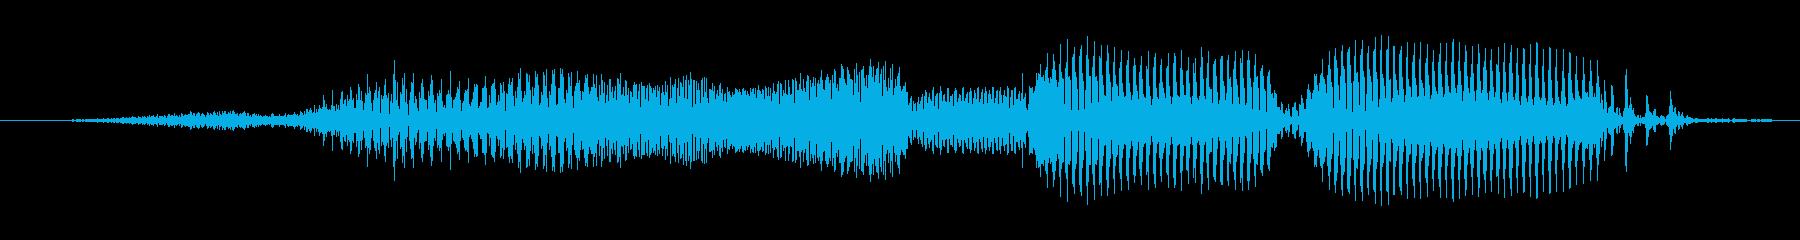 「さようなら」の再生済みの波形